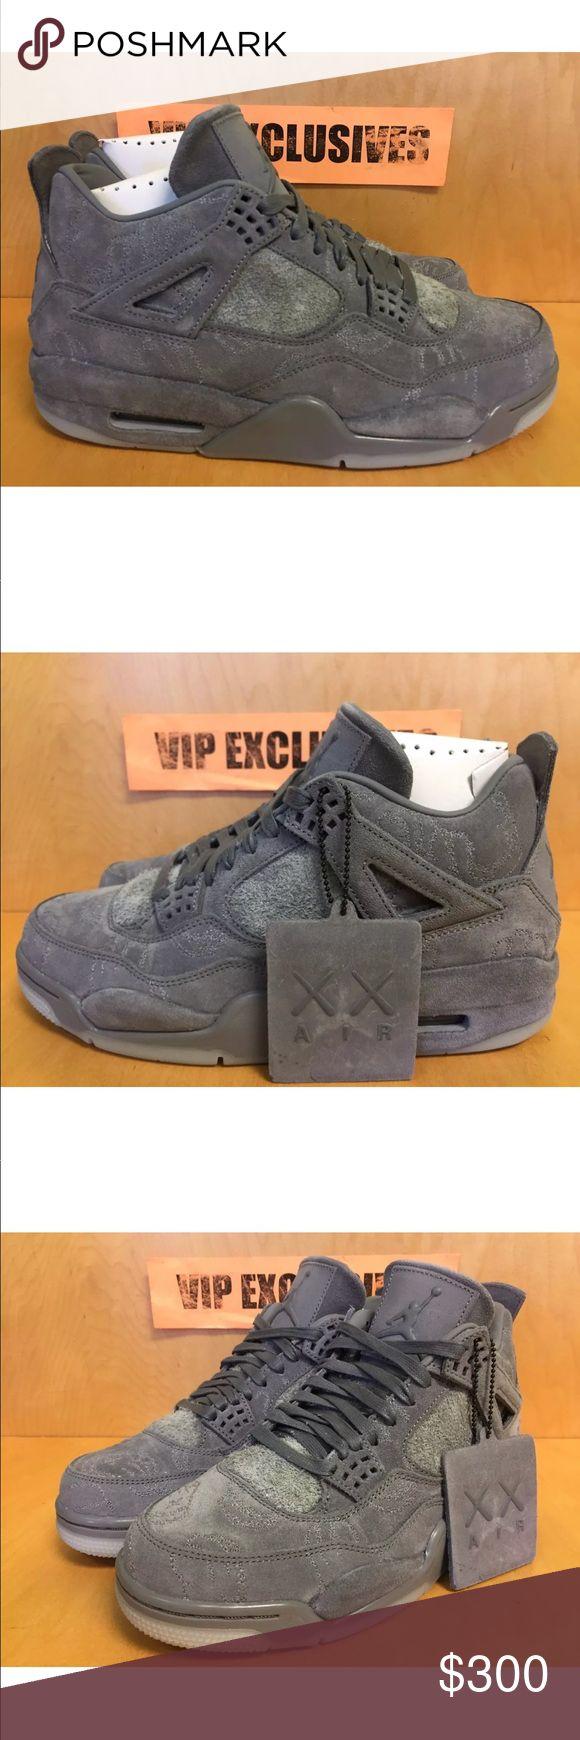 🔺Rare Jordan 4's 🔺 🔹Rare Jordan 4's Premium 🔹if you want text this number 973 234 9965 🔶 Jordan Shoes Sneakers